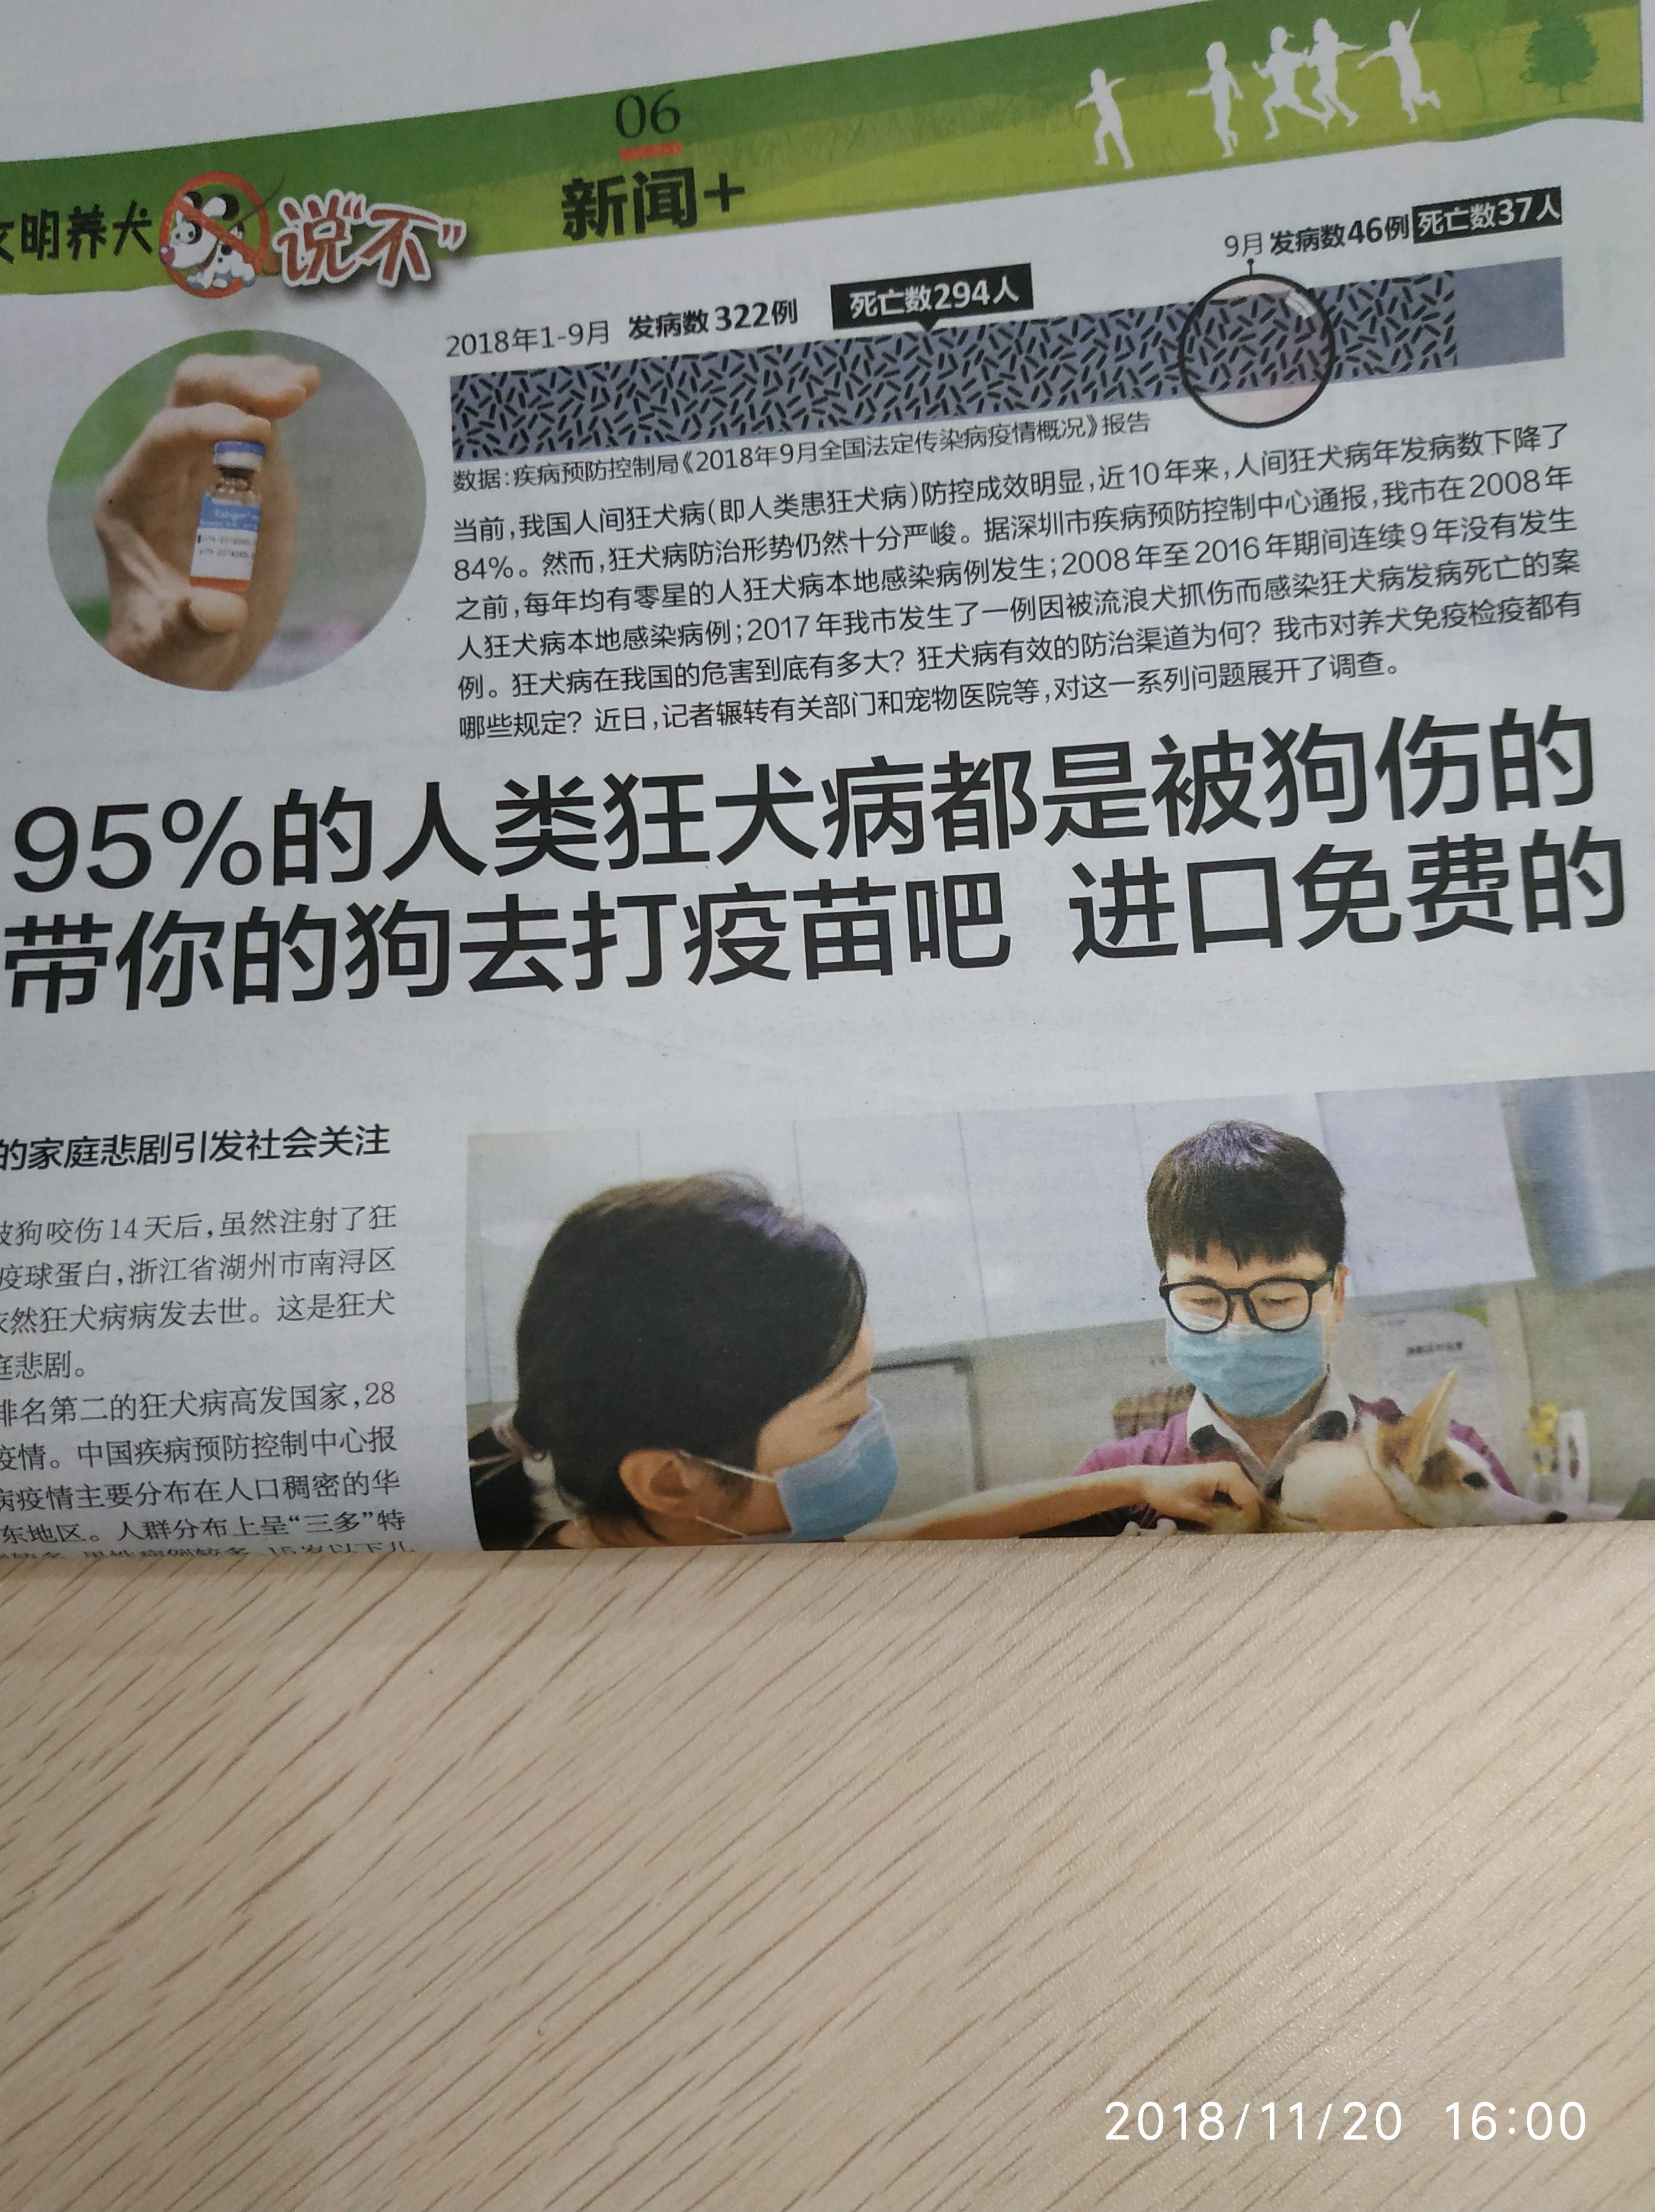 今天深圳日报上的